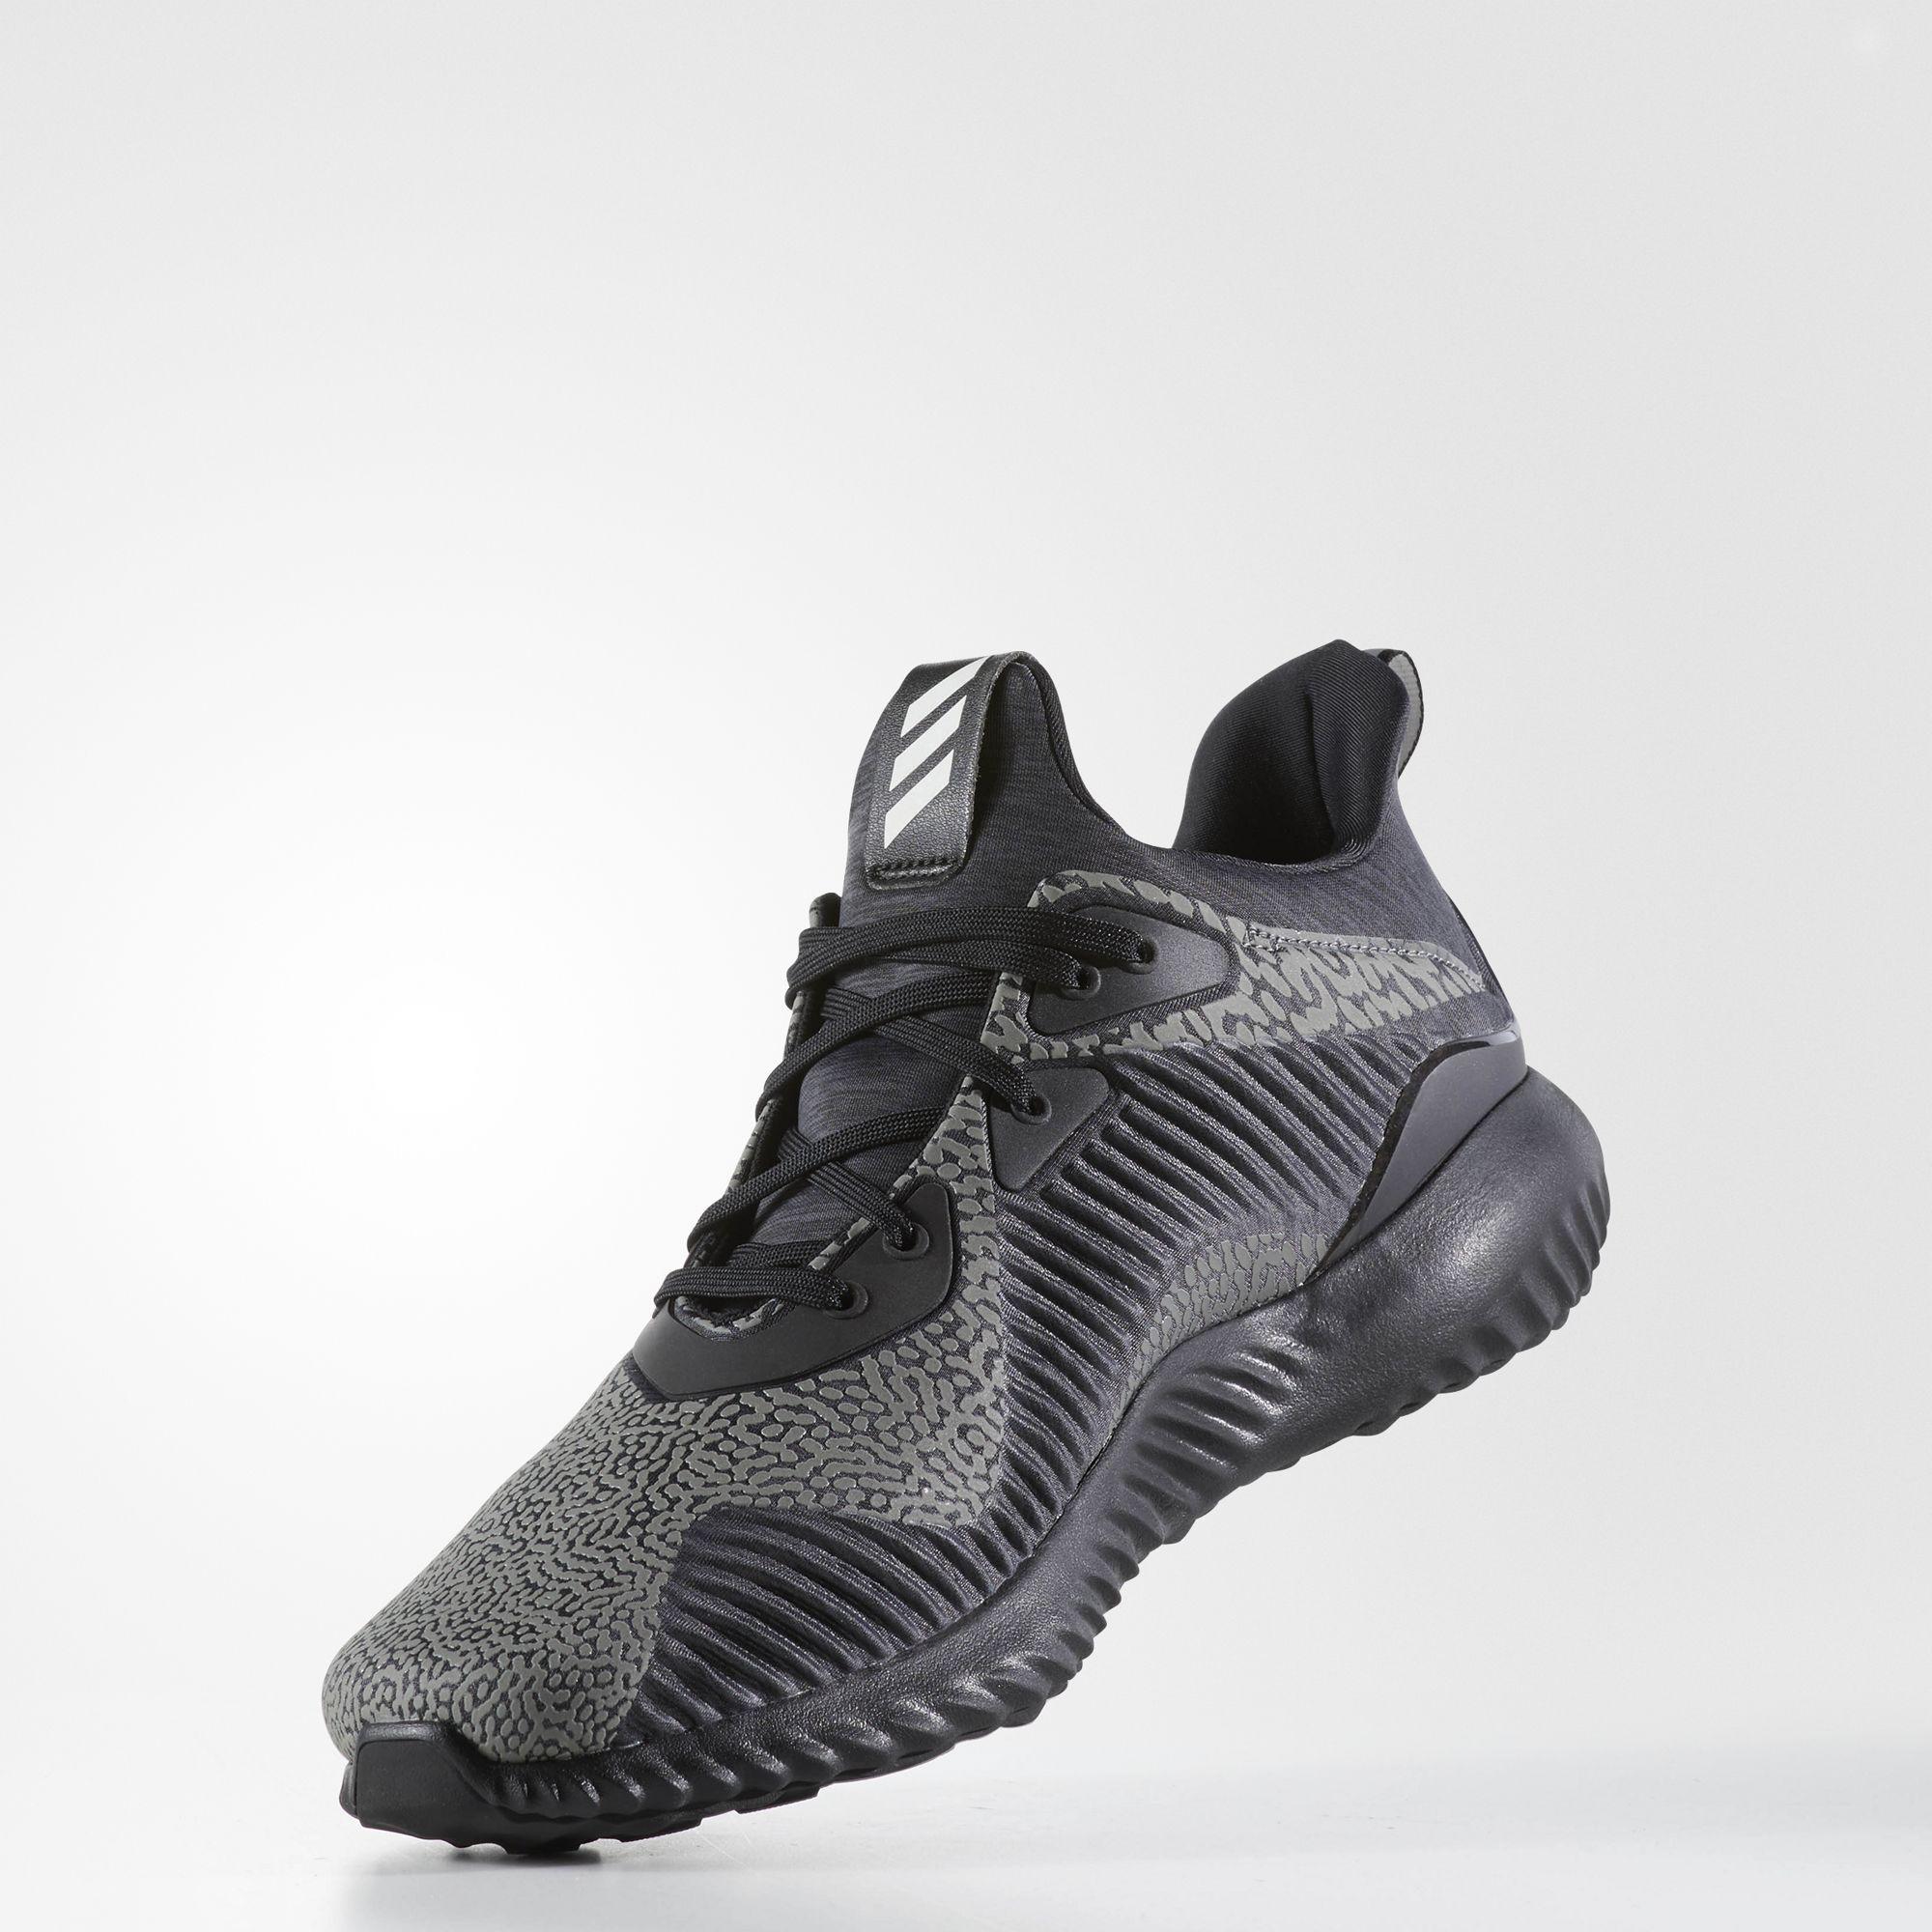 on sale 9da2d 80efc adidas - Alphabounce Reflective HPC AMS Shoes